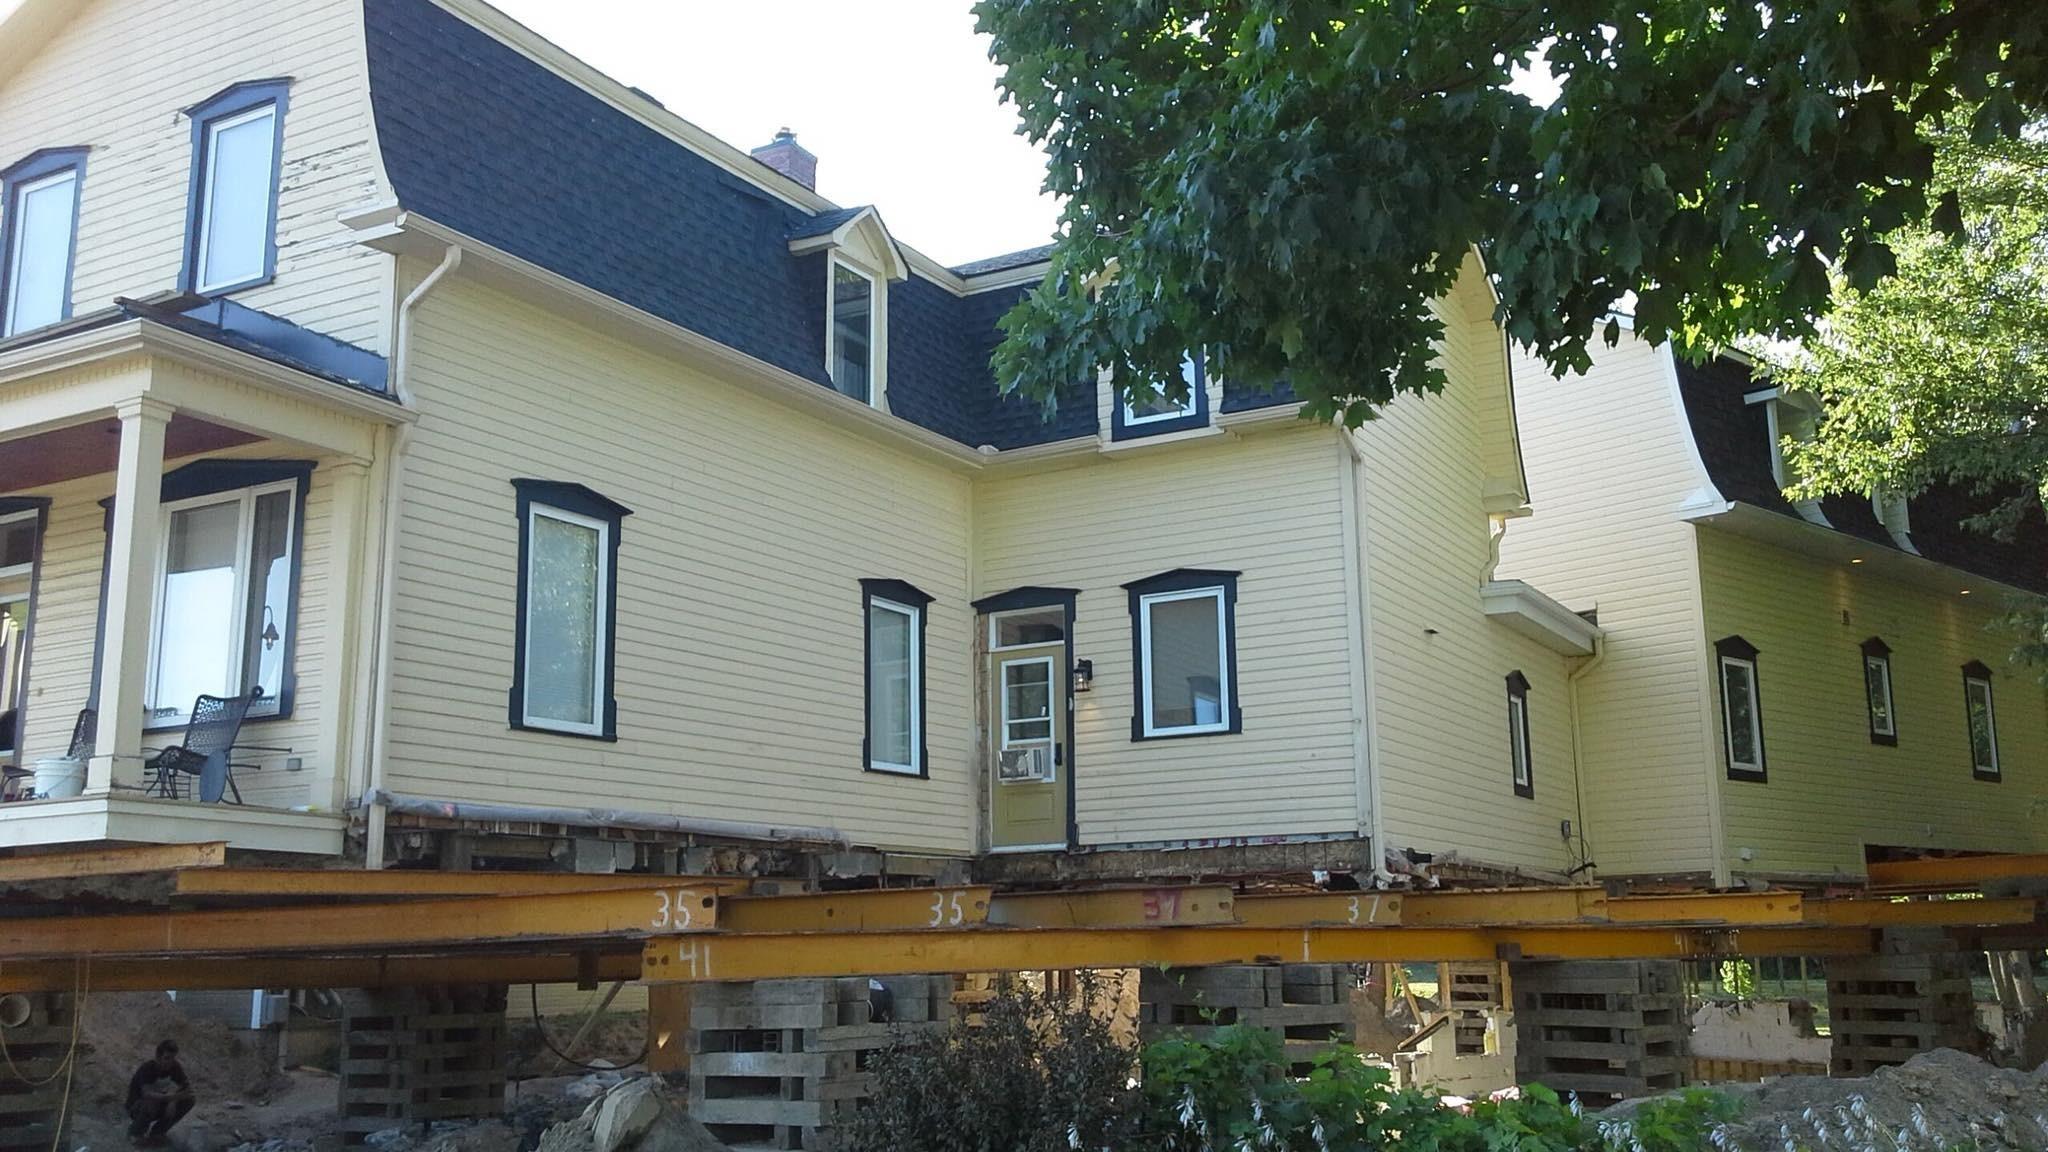 Soulèvement d'une maison à angles multiples